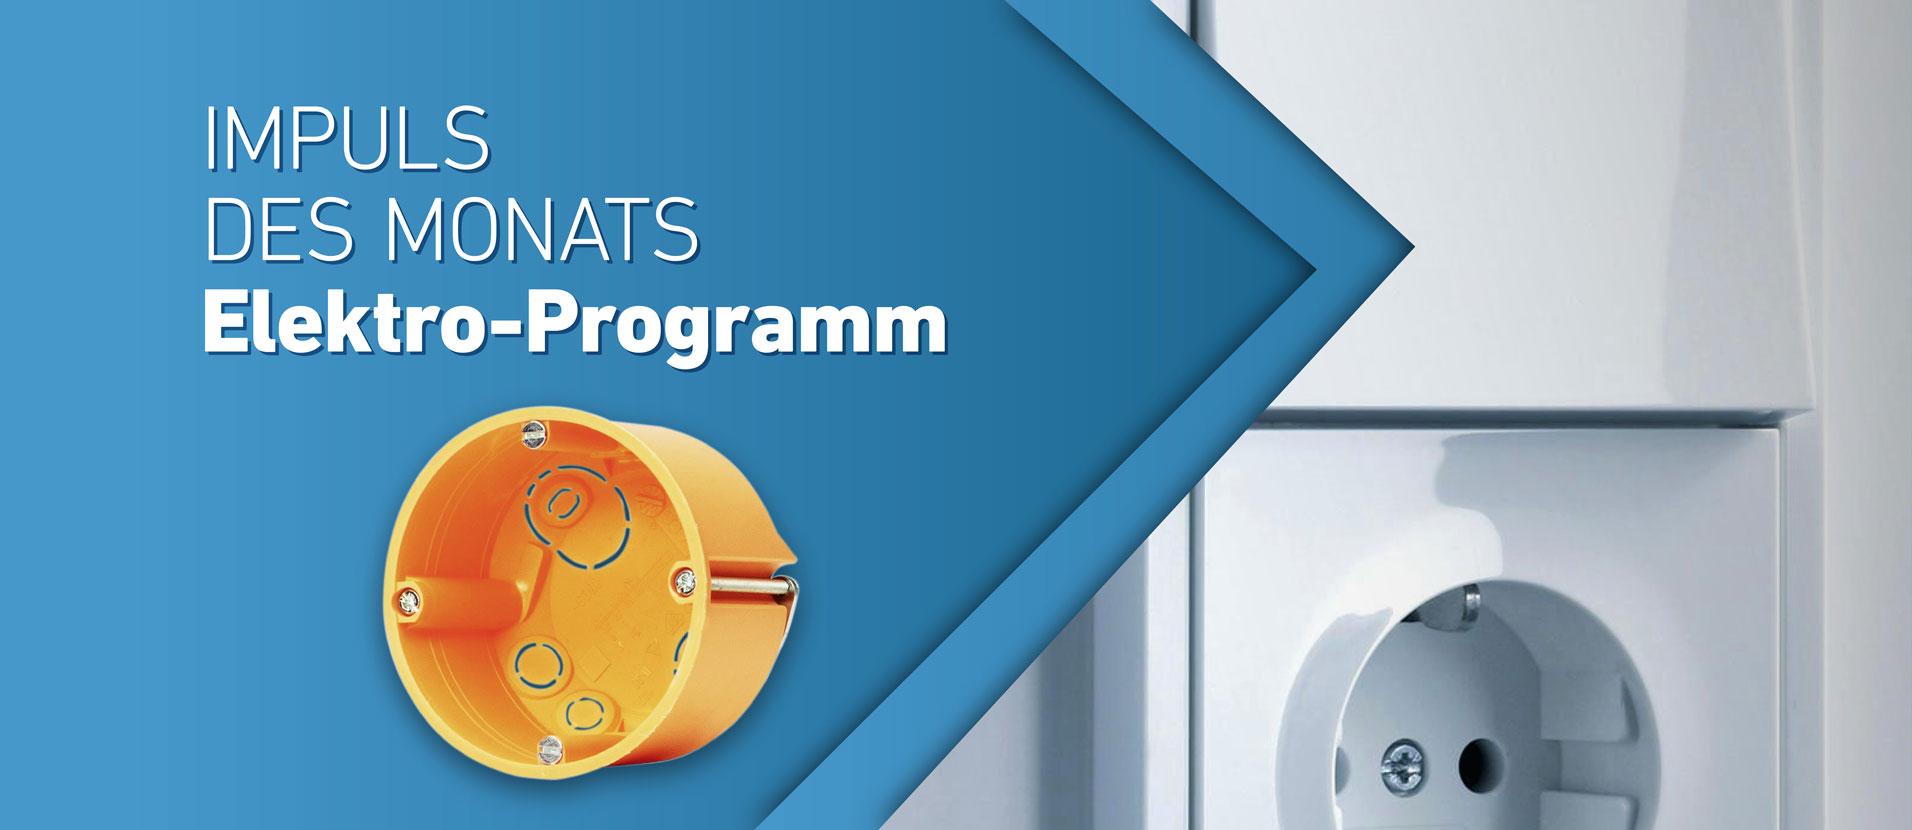 Impuls des Monats - Elektro-Programm